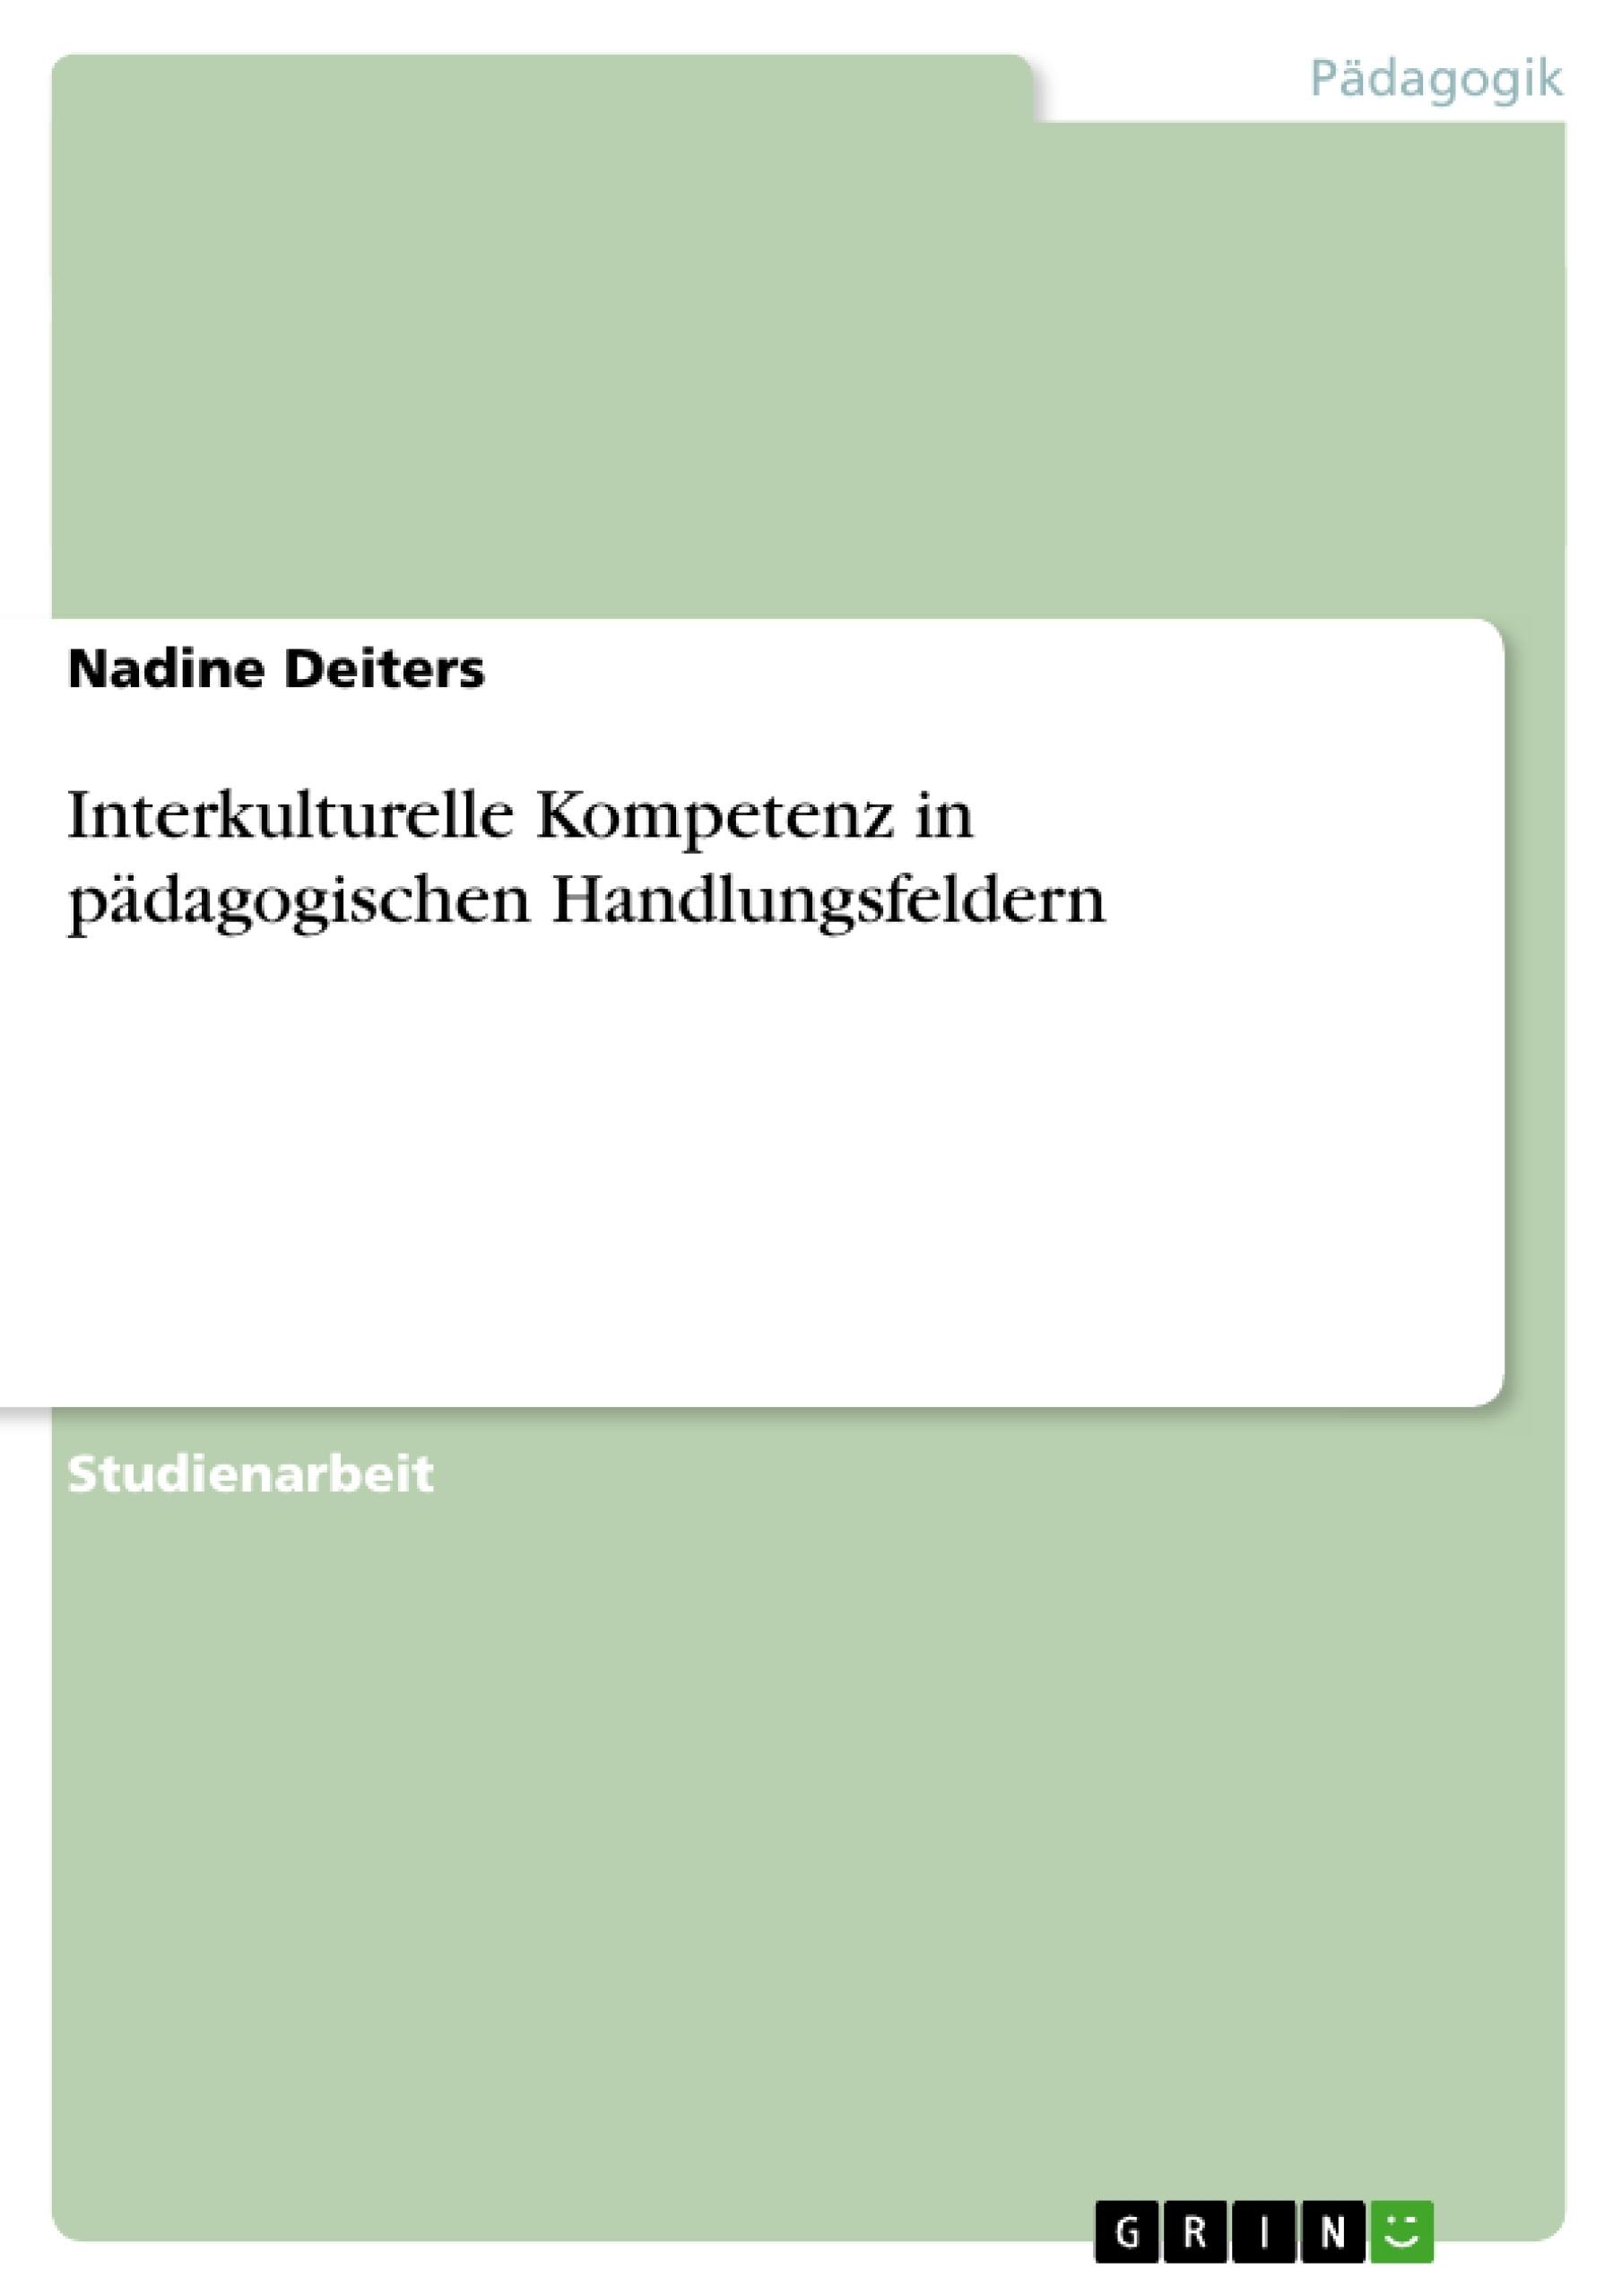 Titel: Interkulturelle Kompetenz in pädagogischen Handlungsfeldern